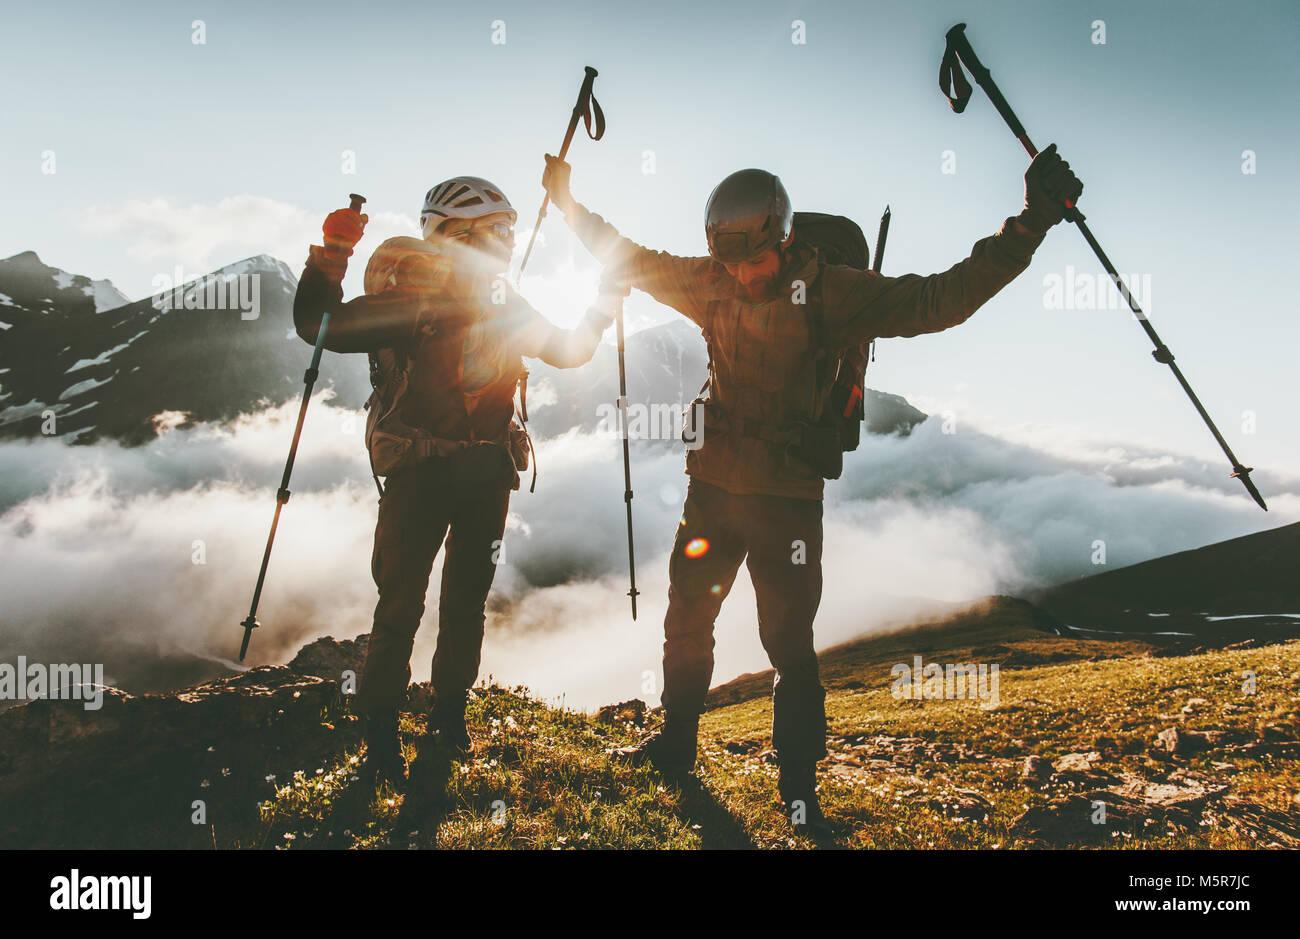 Feliz viaje par el hombre y la mujer en la cumbre de la montaña del amor y aventura senderismo Lifestyle wanderlust Imagen De Stock